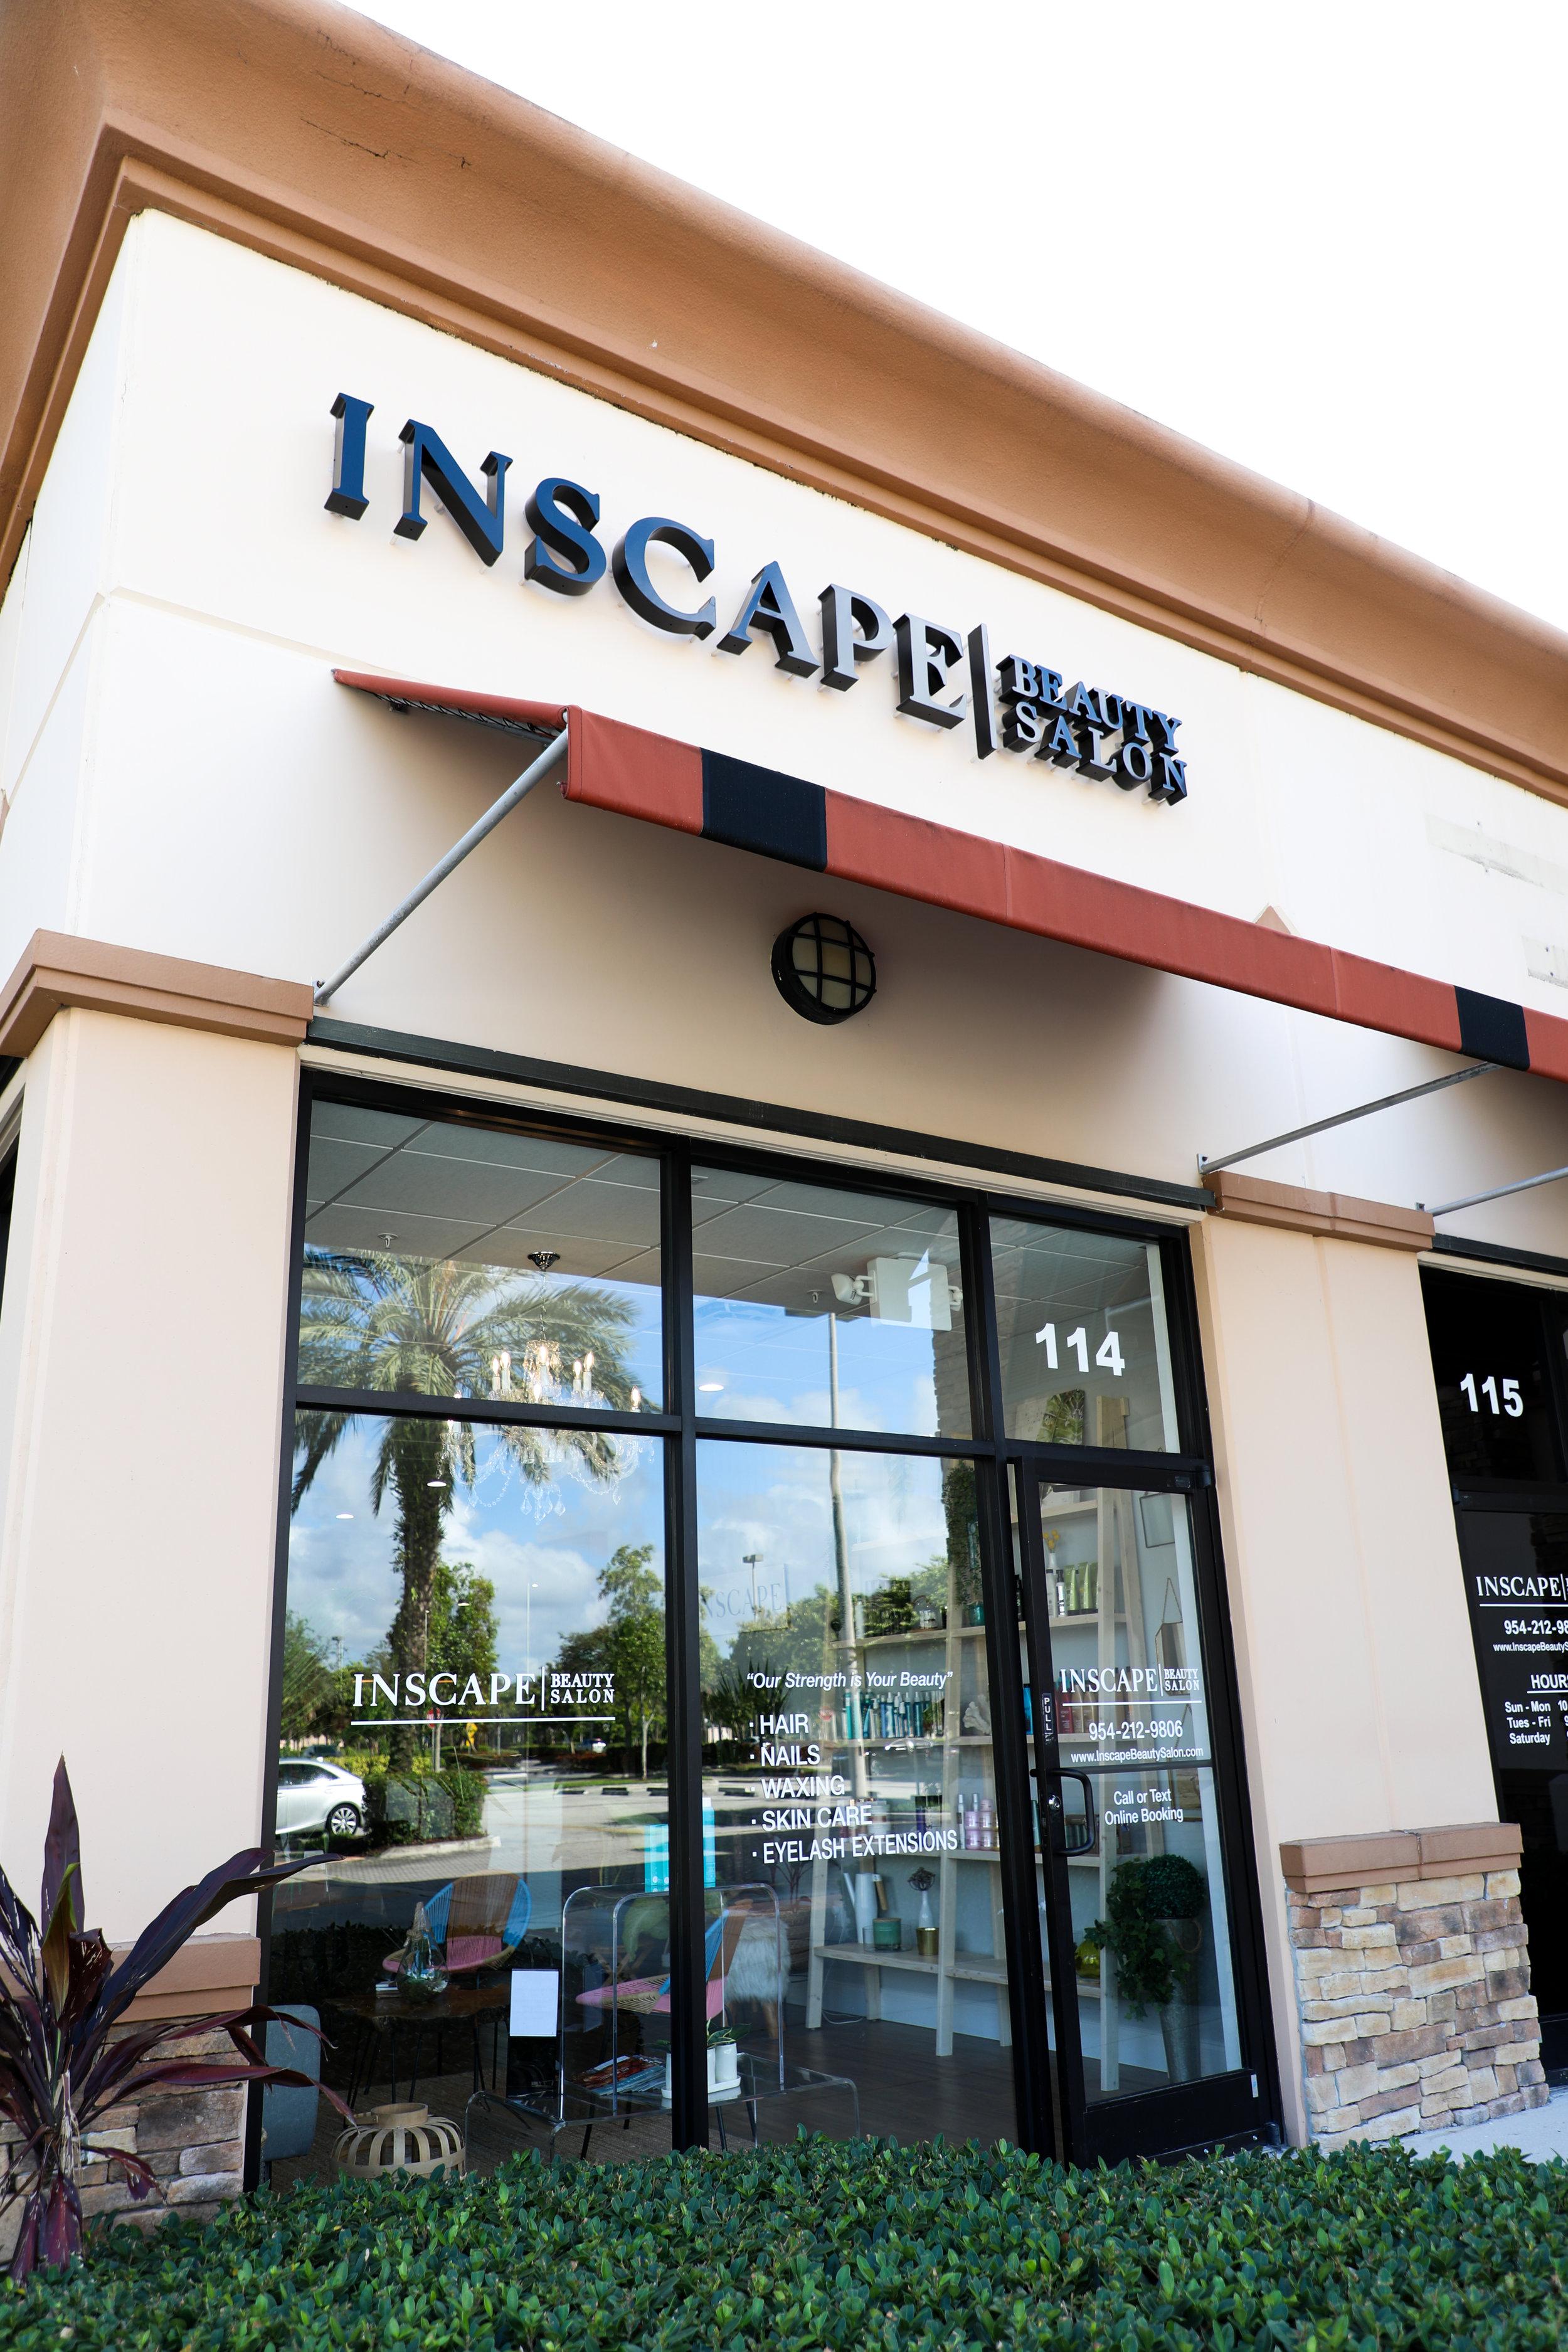 Inscape Beauty Salon - Exterior View